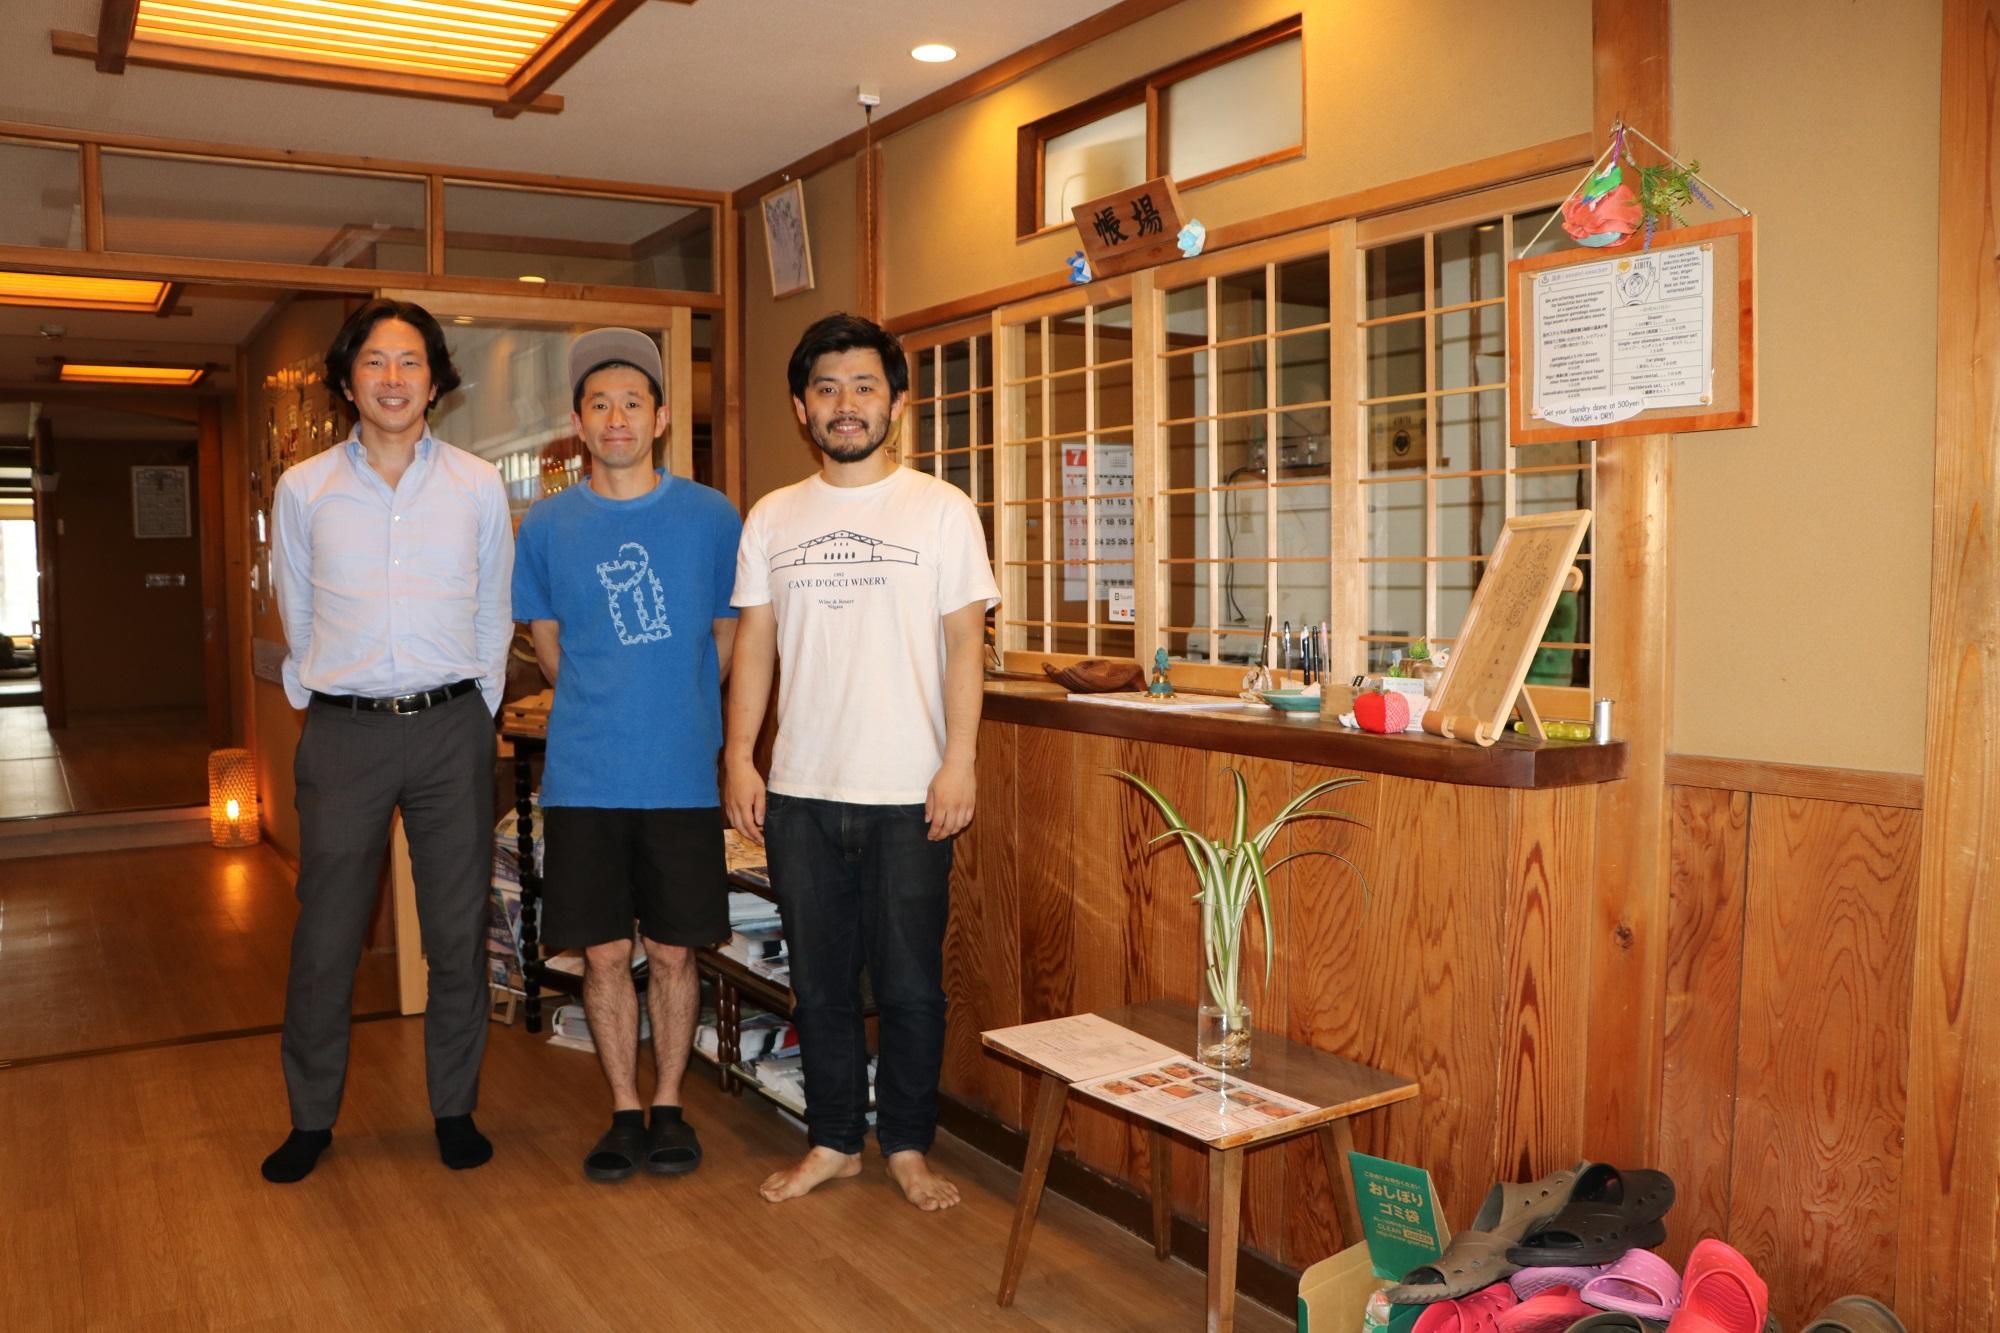 温泉街のにぎわい復活に挑むWAKUWAKUやまのうちの岡嘉紀社長(左)と西澤良樹さん(中)、君島登茂樹さん(右)=2018年7月、長野県山ノ内町